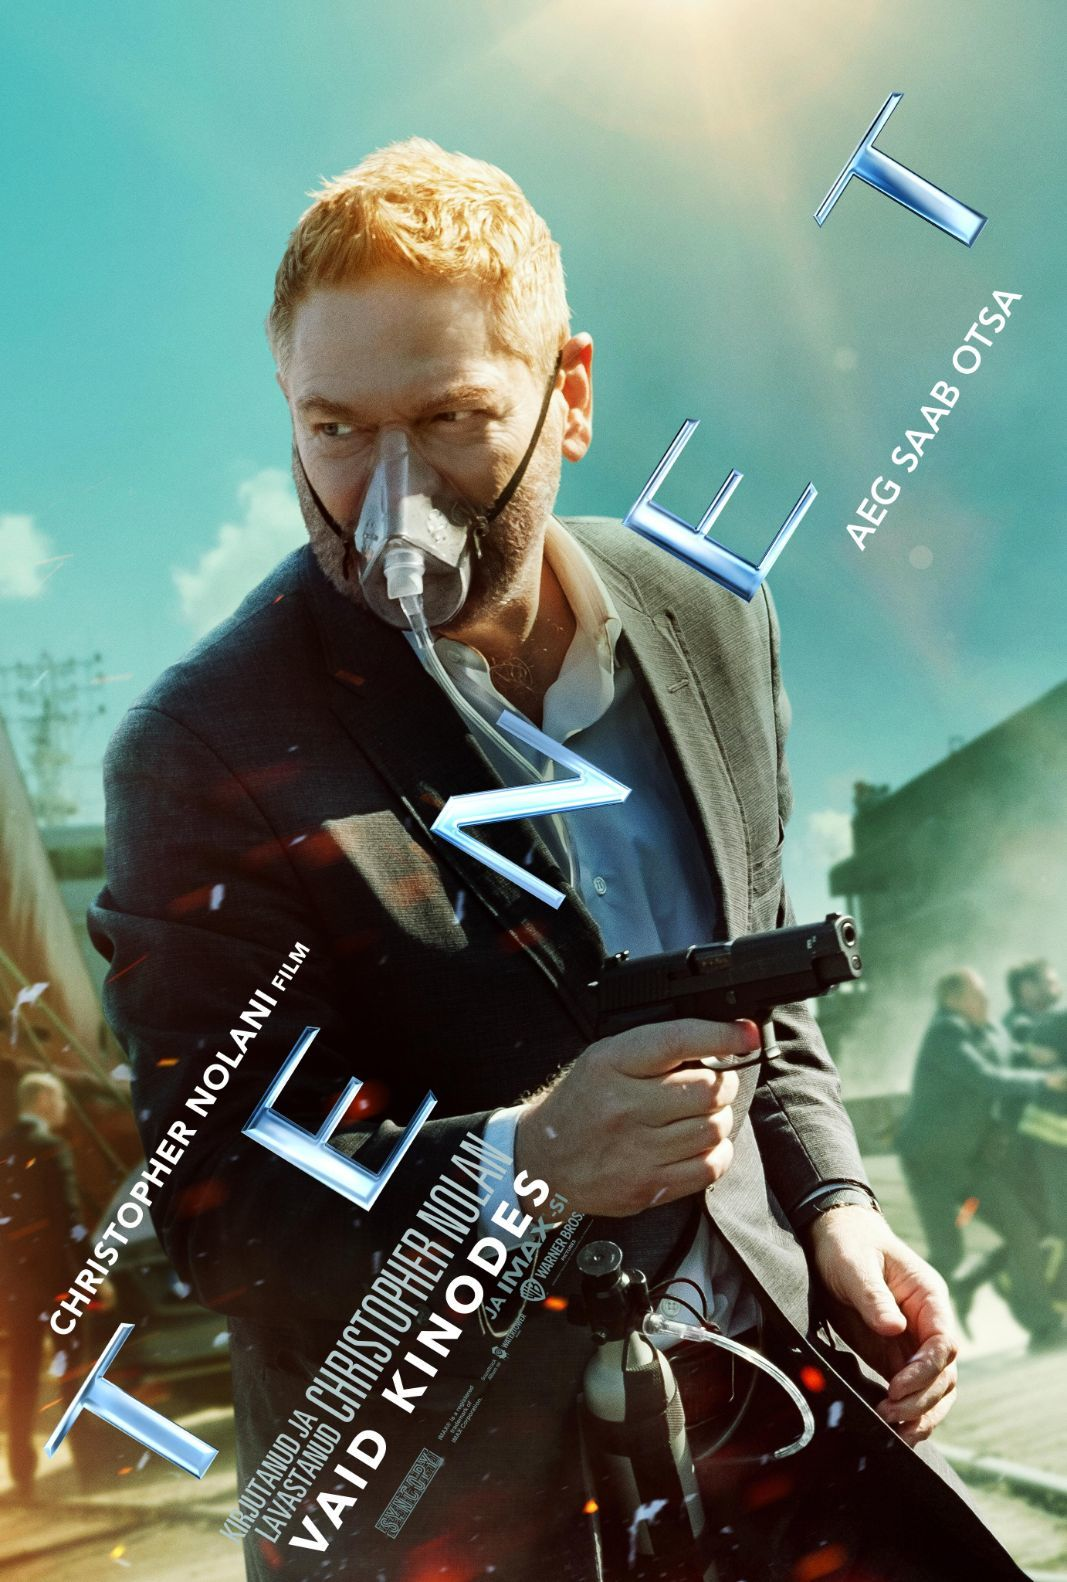 エストニア版 (C)2020 Warner Bros Entertainment Inc. All Rights Reserved